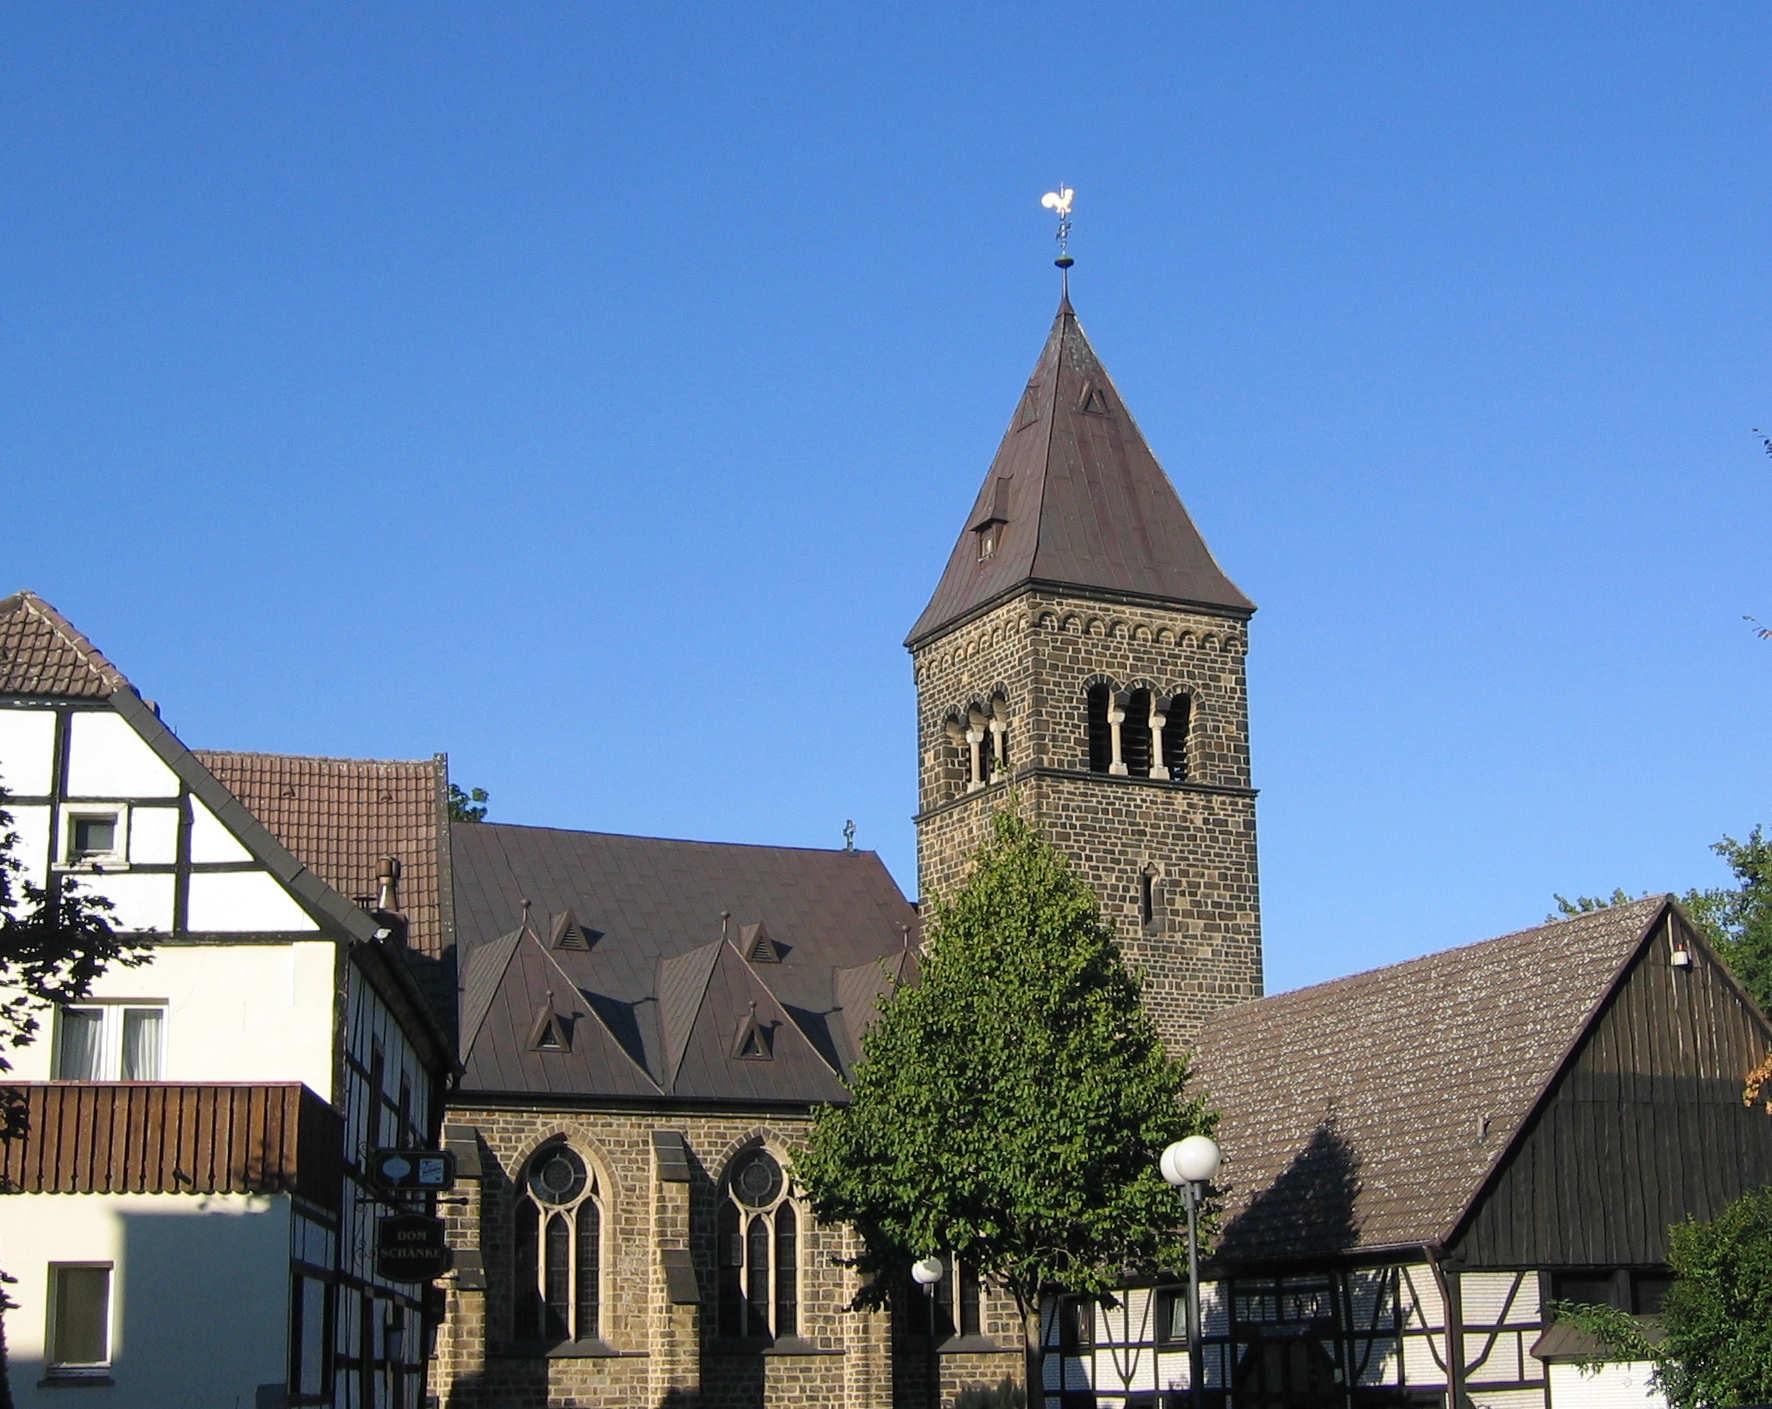 Liste der Baudenkmale im Stadtbezirk Dortmund-Huckarde